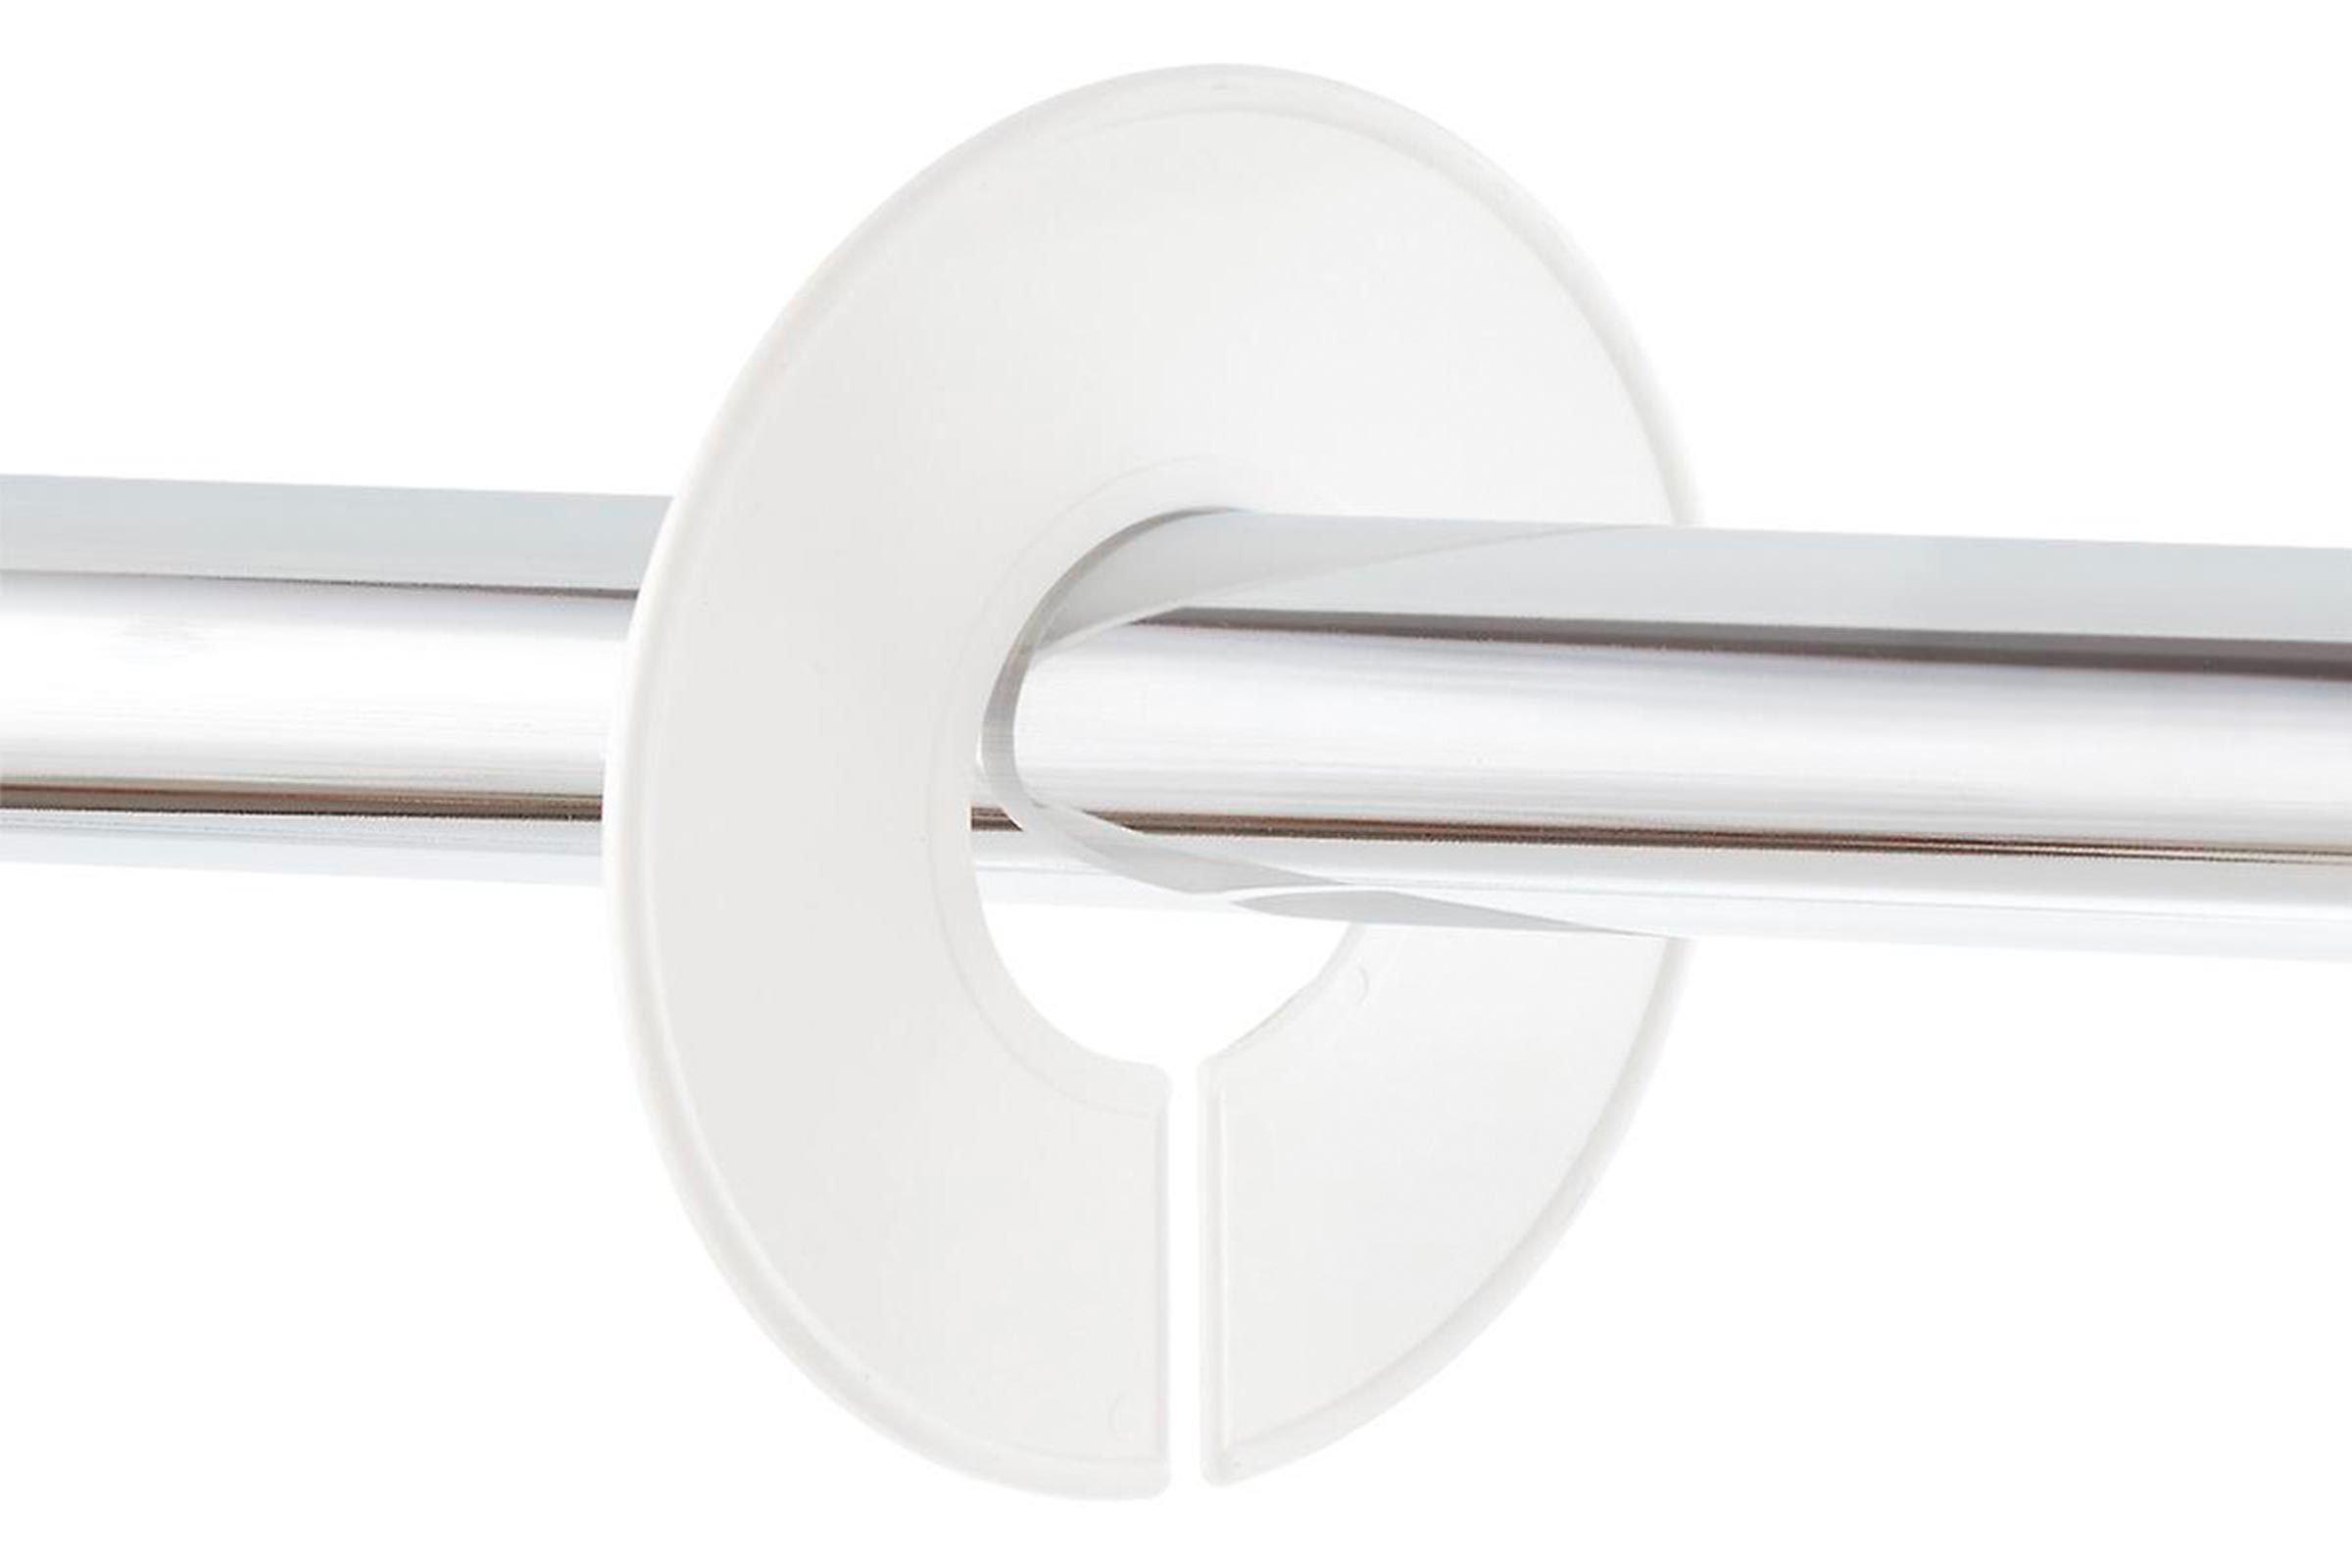 Blank Closet rod divider